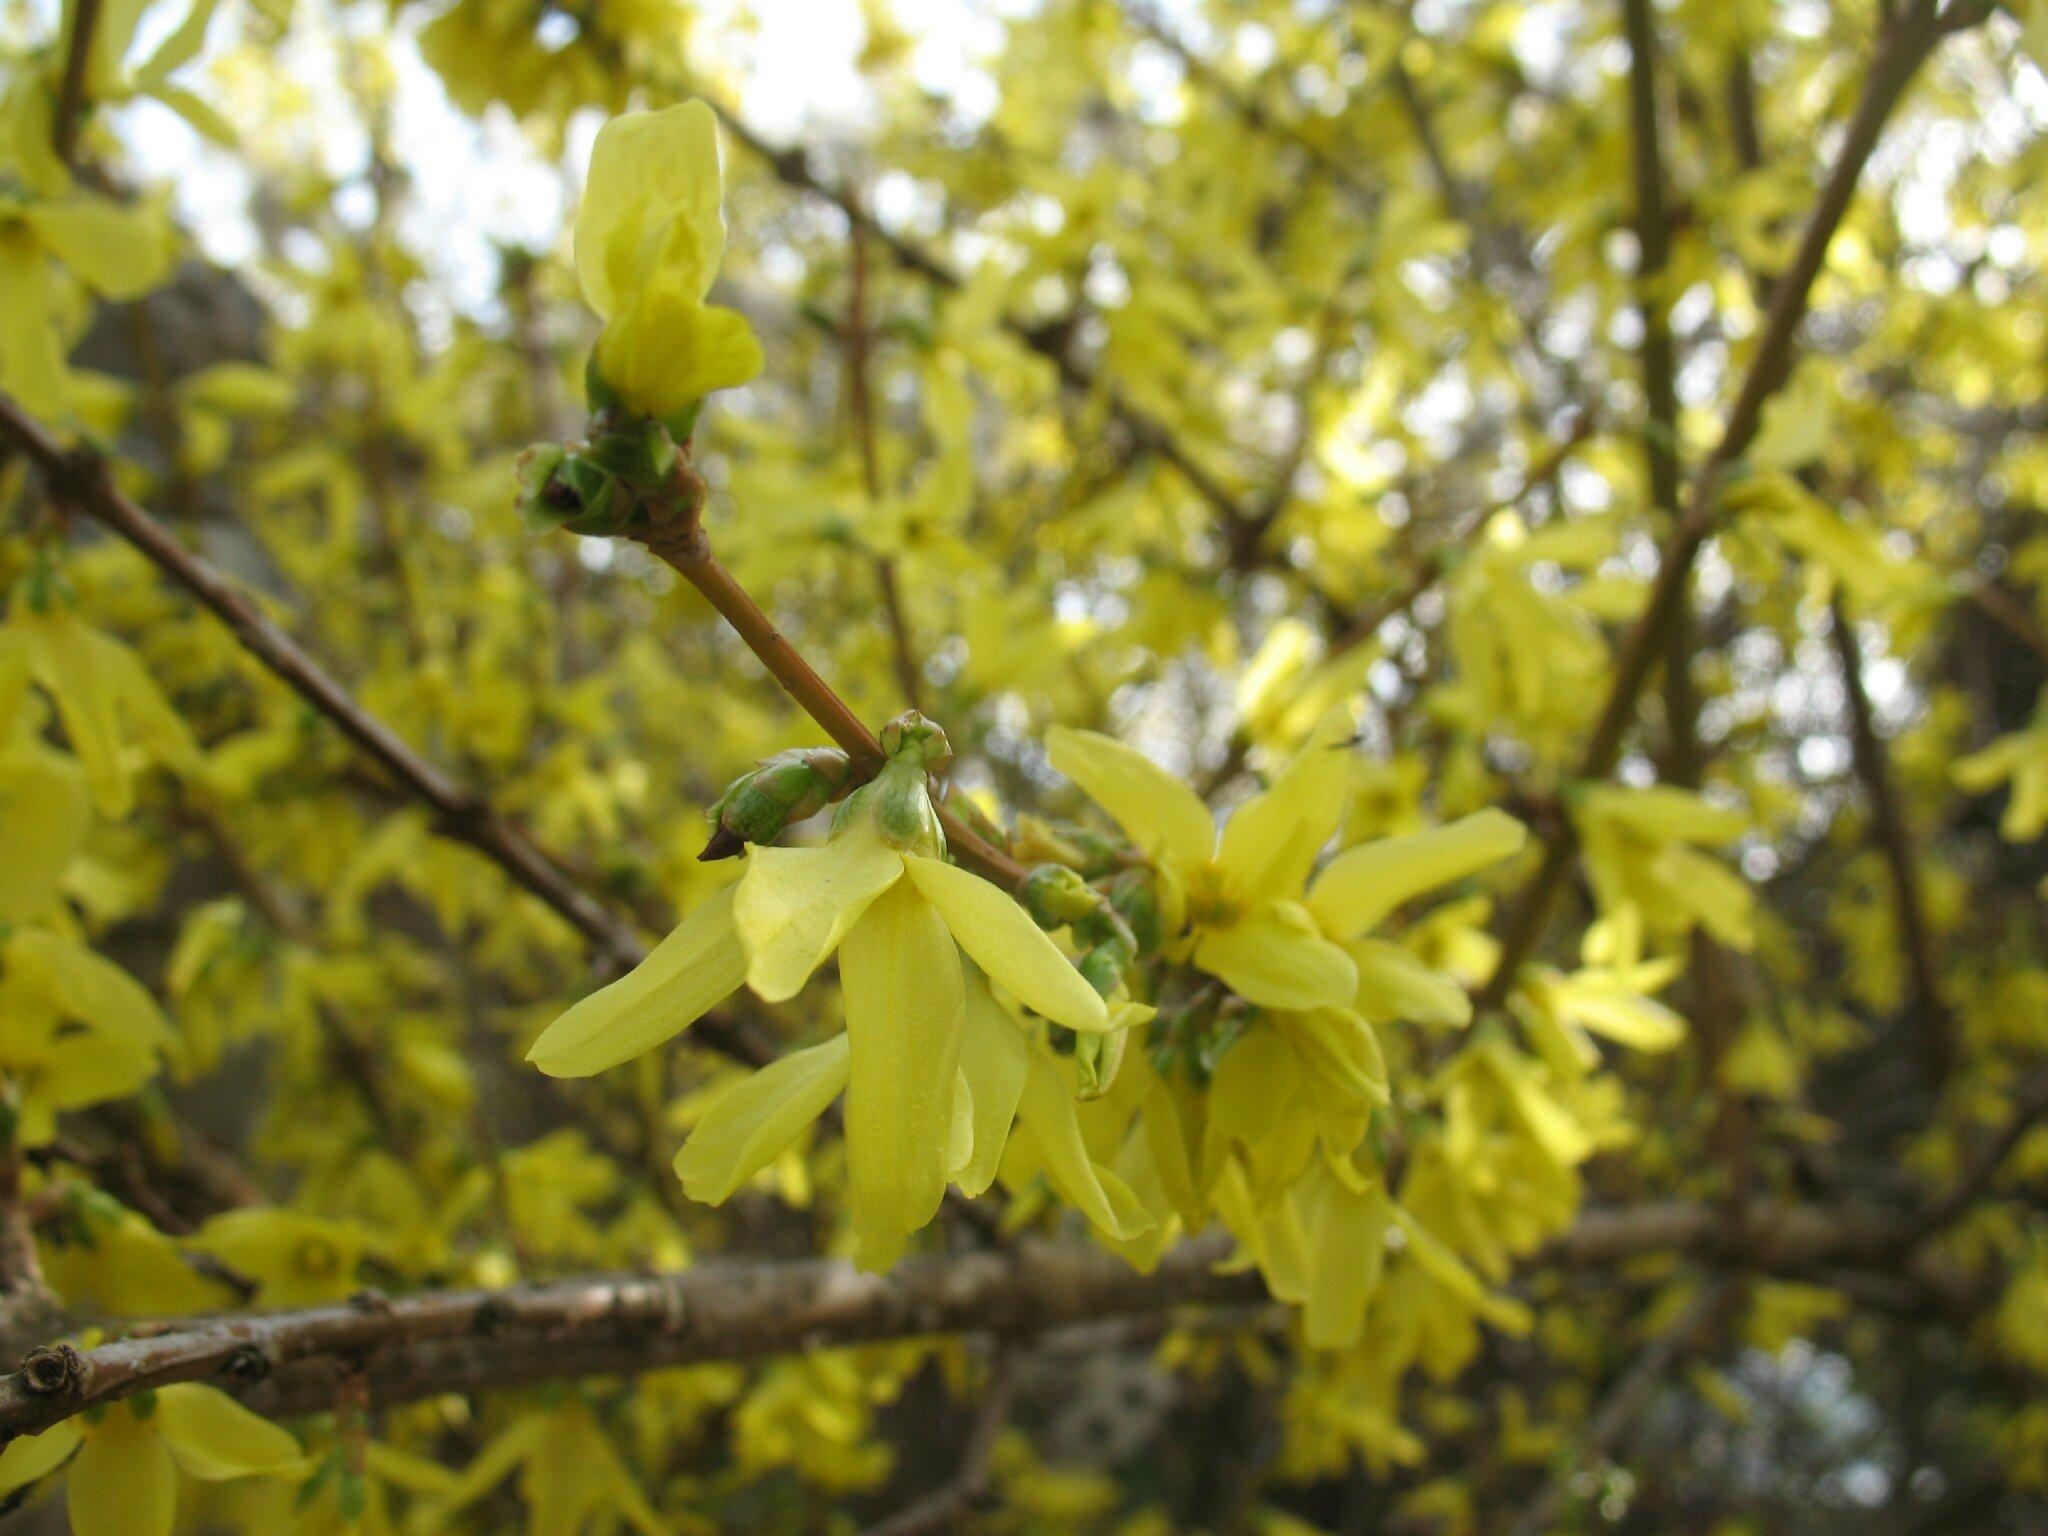 Fleurs jaunes  fleurs de printemps  Brin et brindille  atelier saisonnier